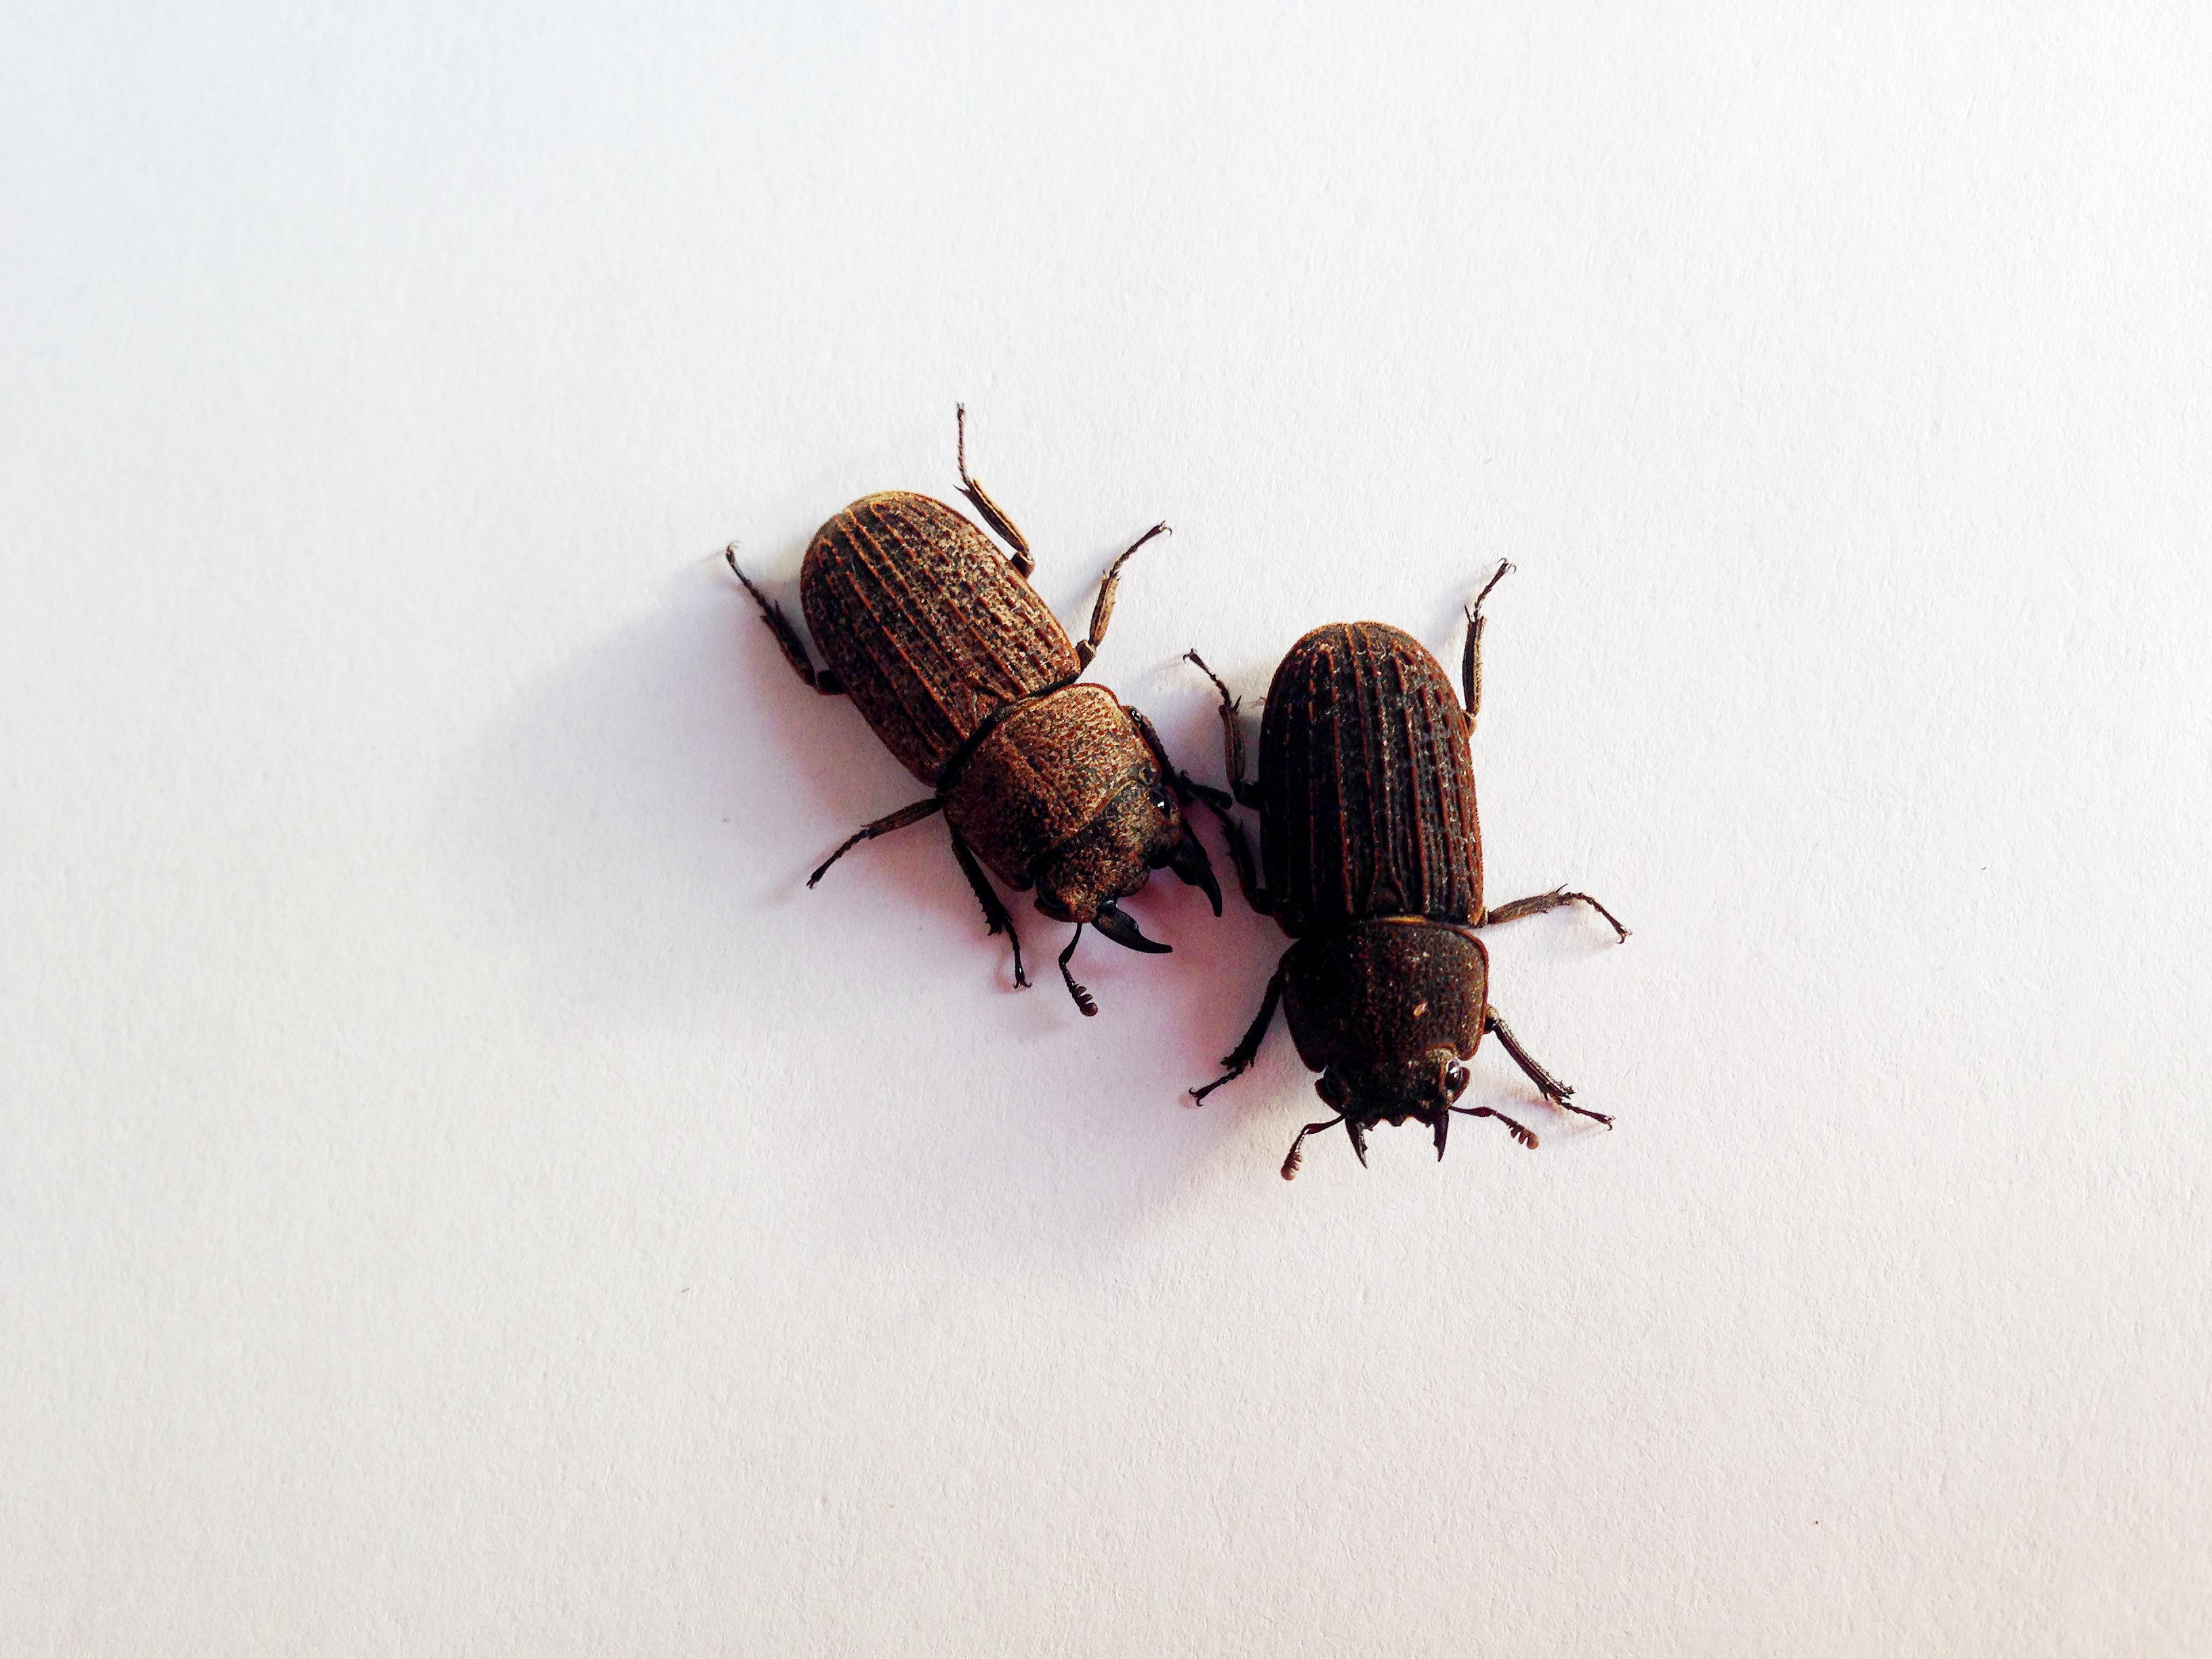 털보왕사슴벌레(Dorcus koreanus)